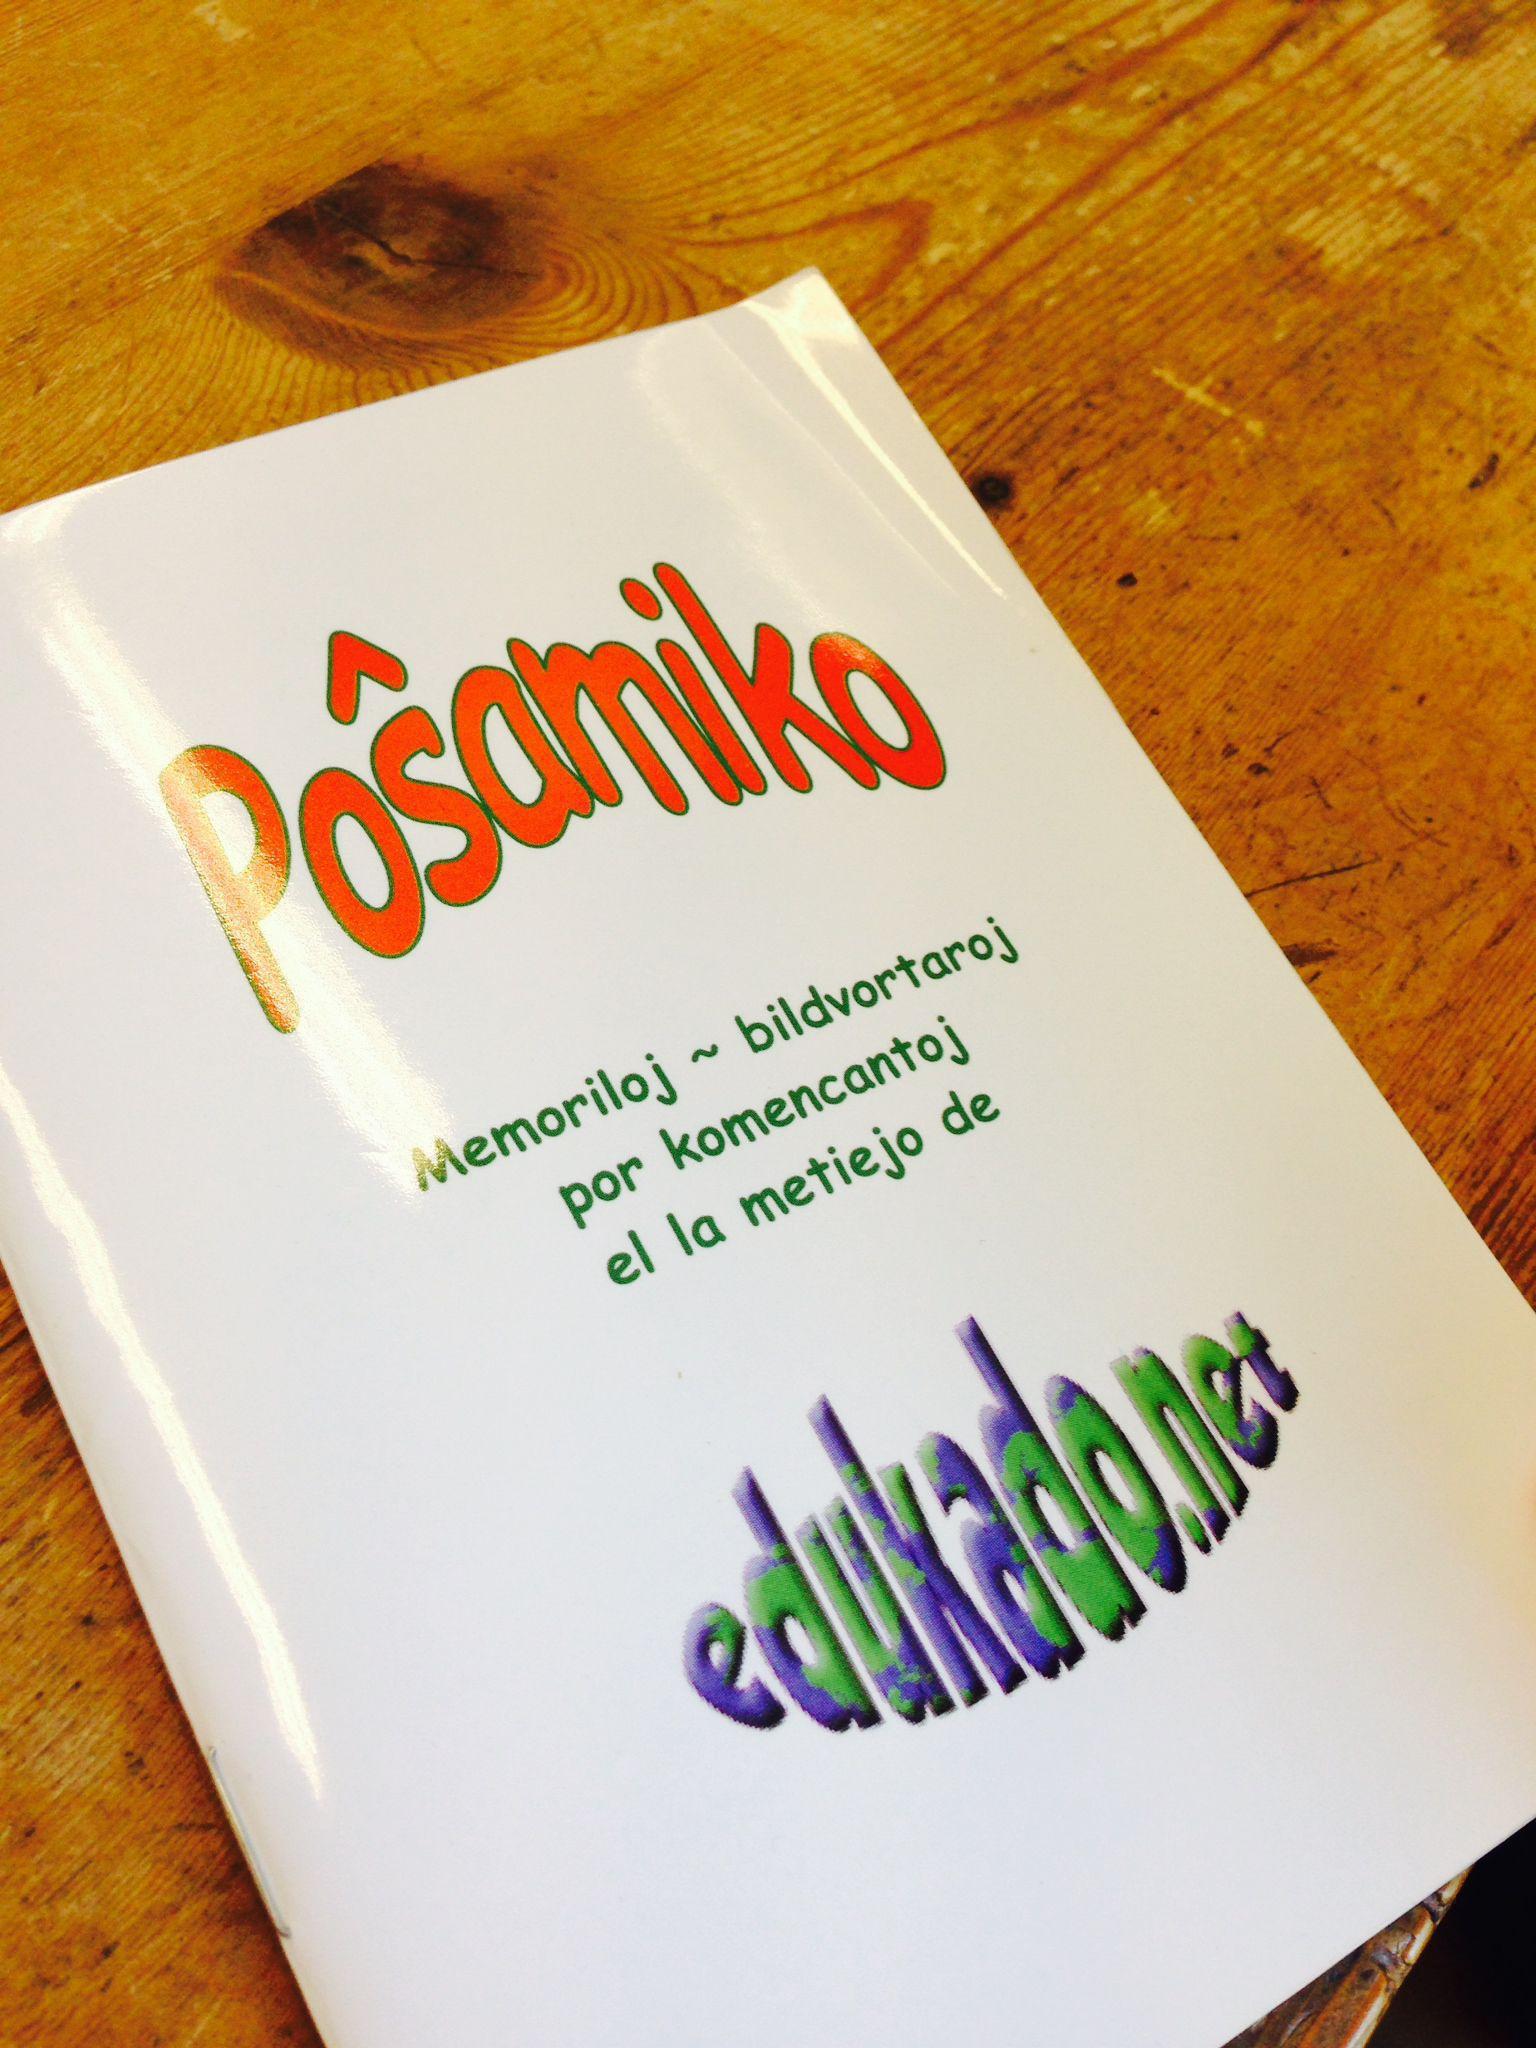 Posamiko